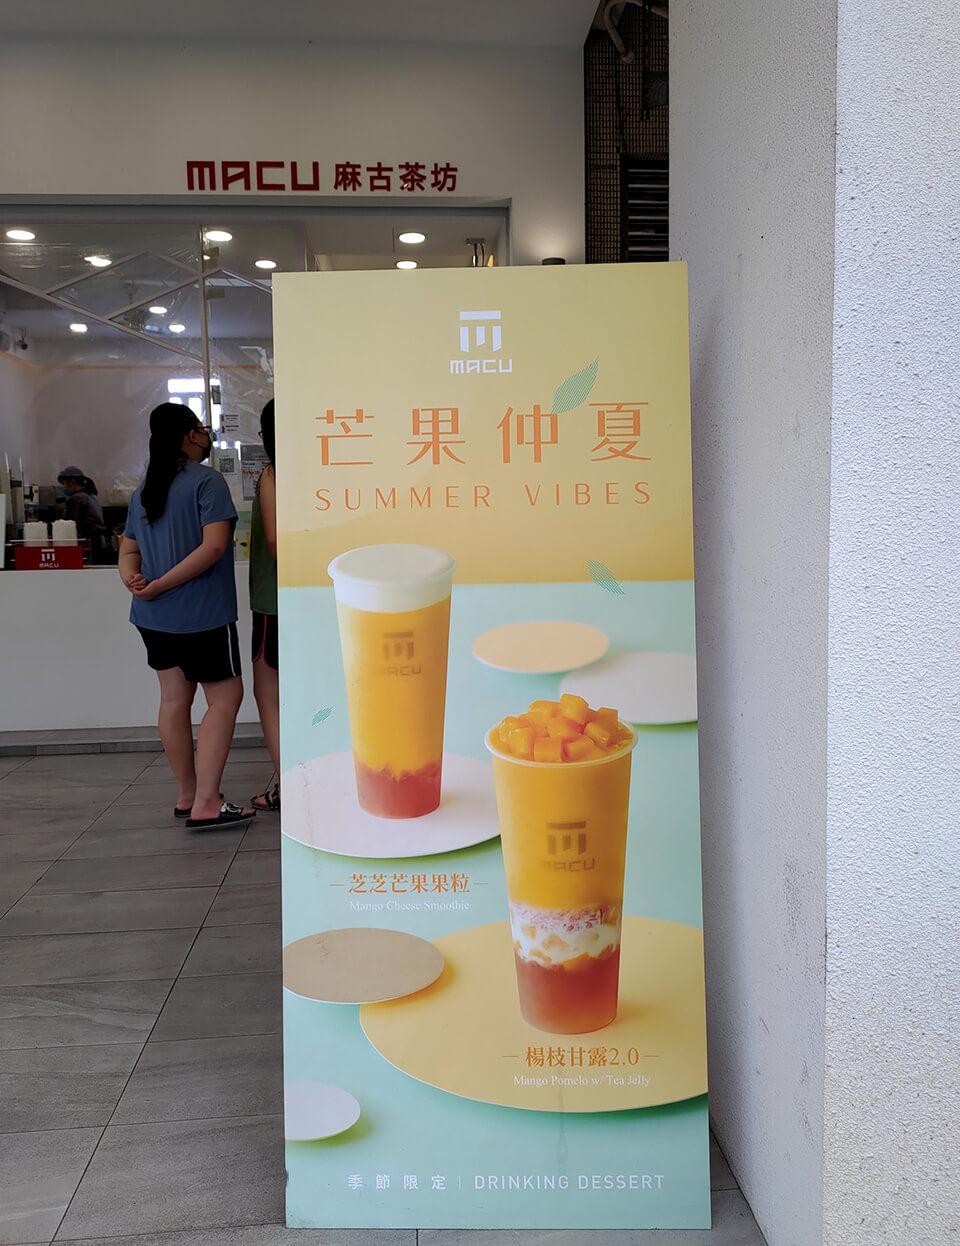 麻古茶坊的楊枝甘露2.0